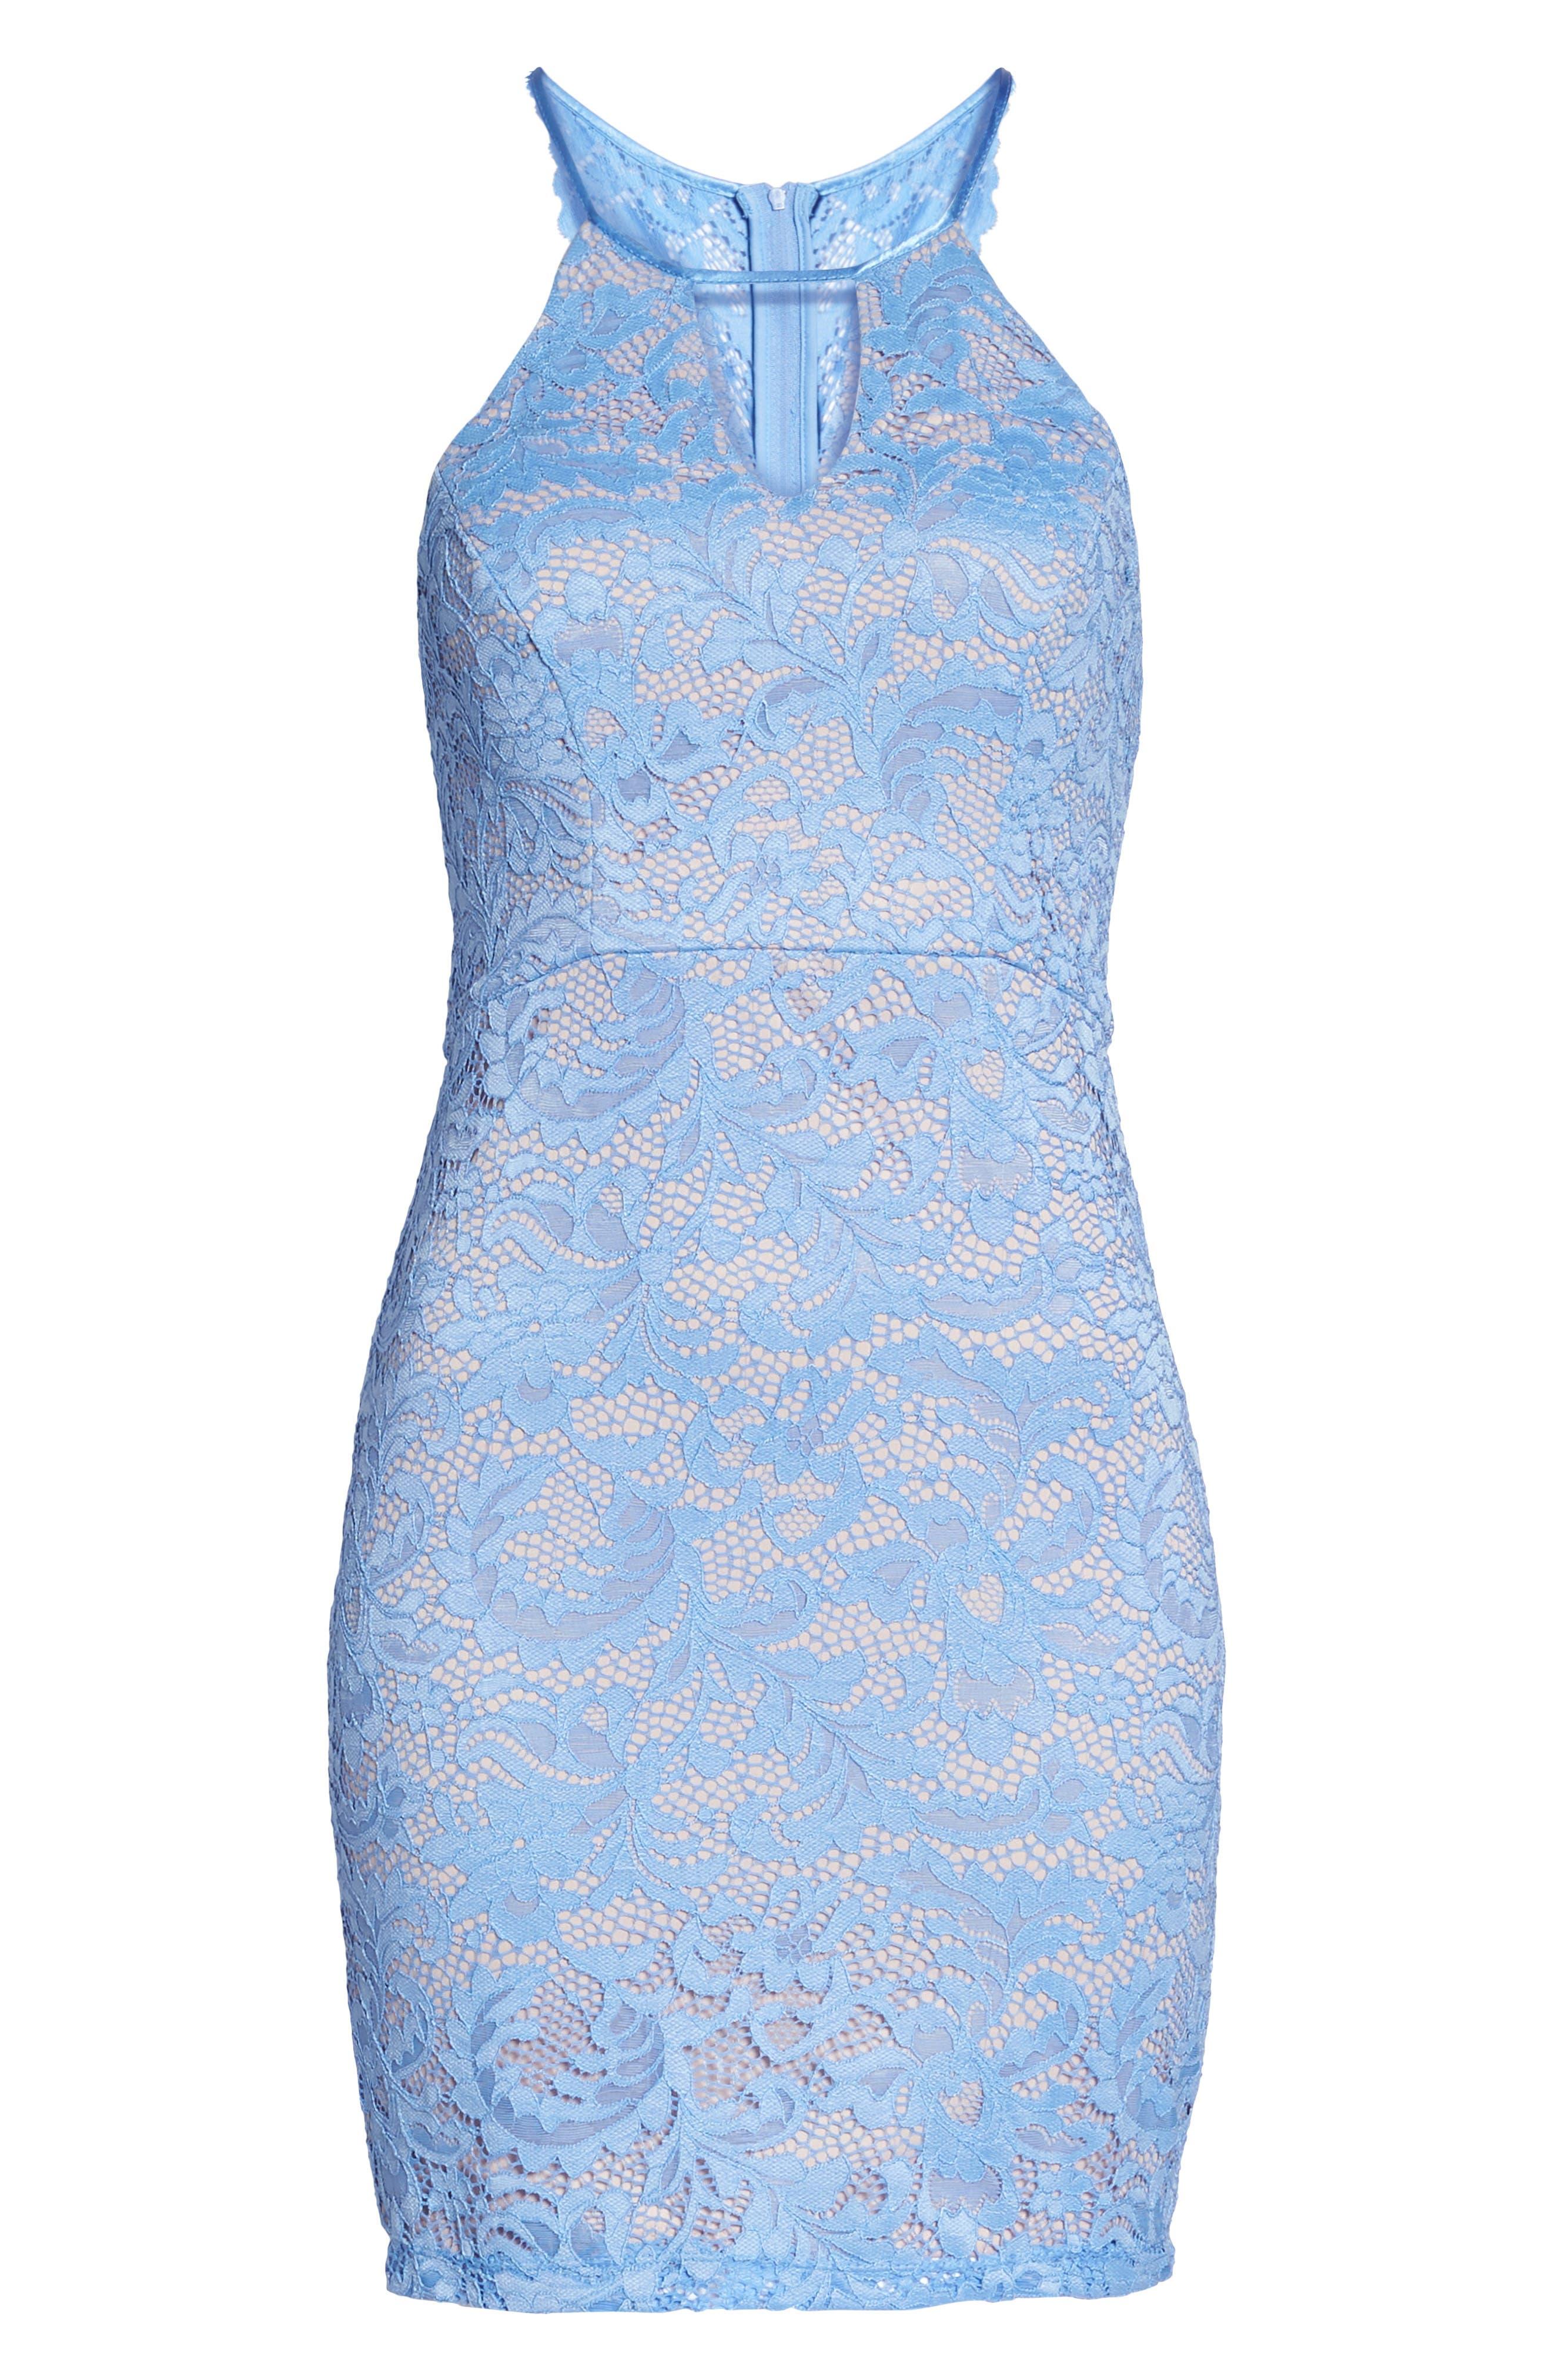 Racerback Lace Halter Dress,                             Alternate thumbnail 6, color,                             Periwinkle/ Mauve